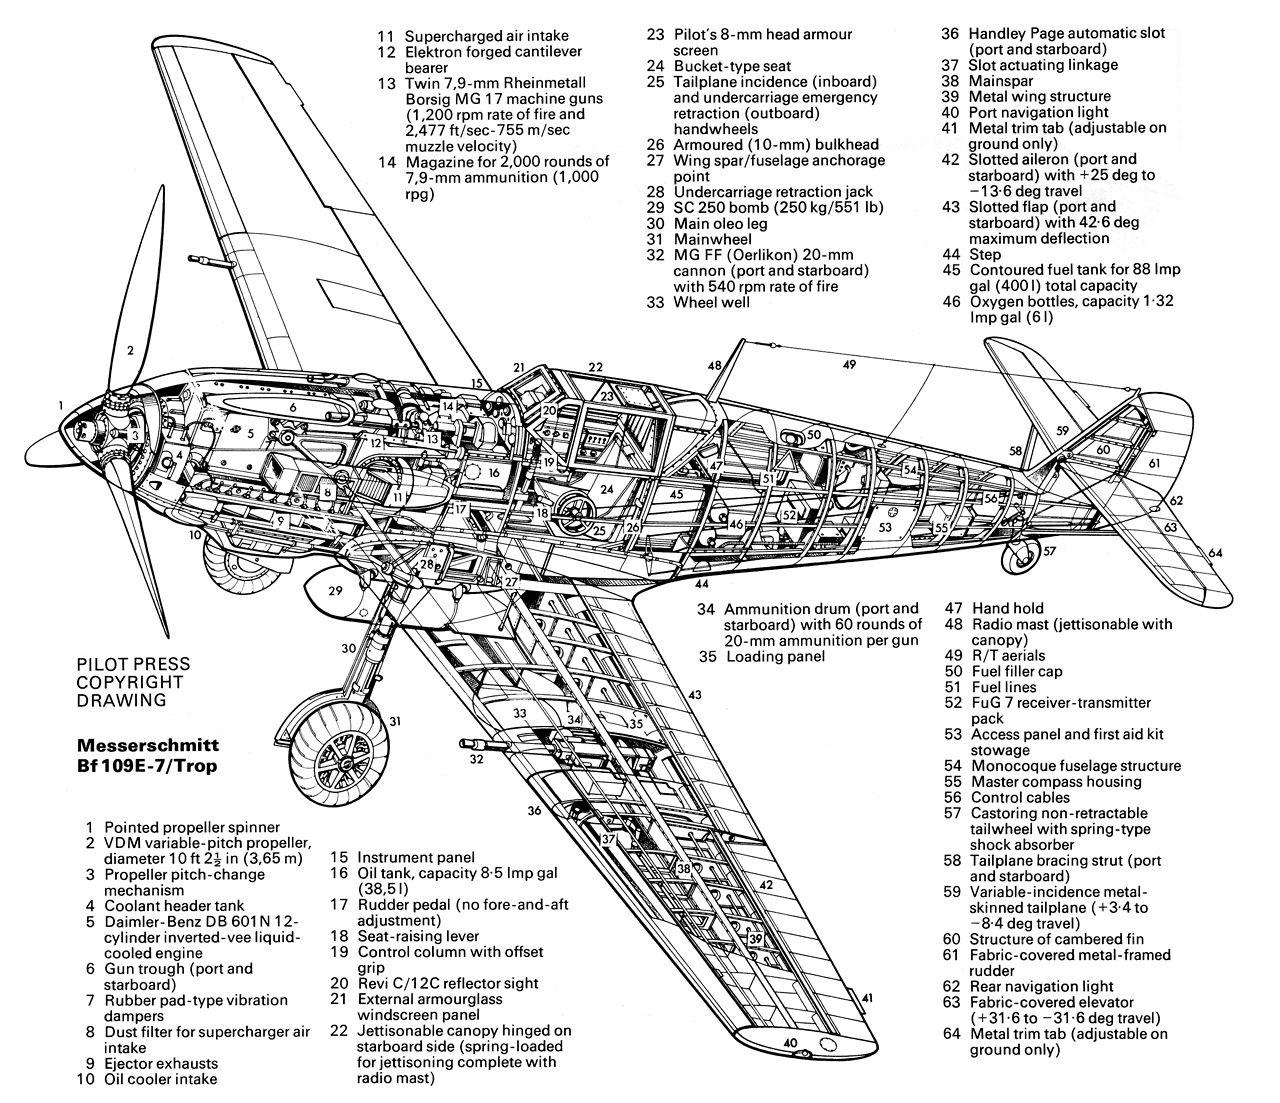 E-7 Trop